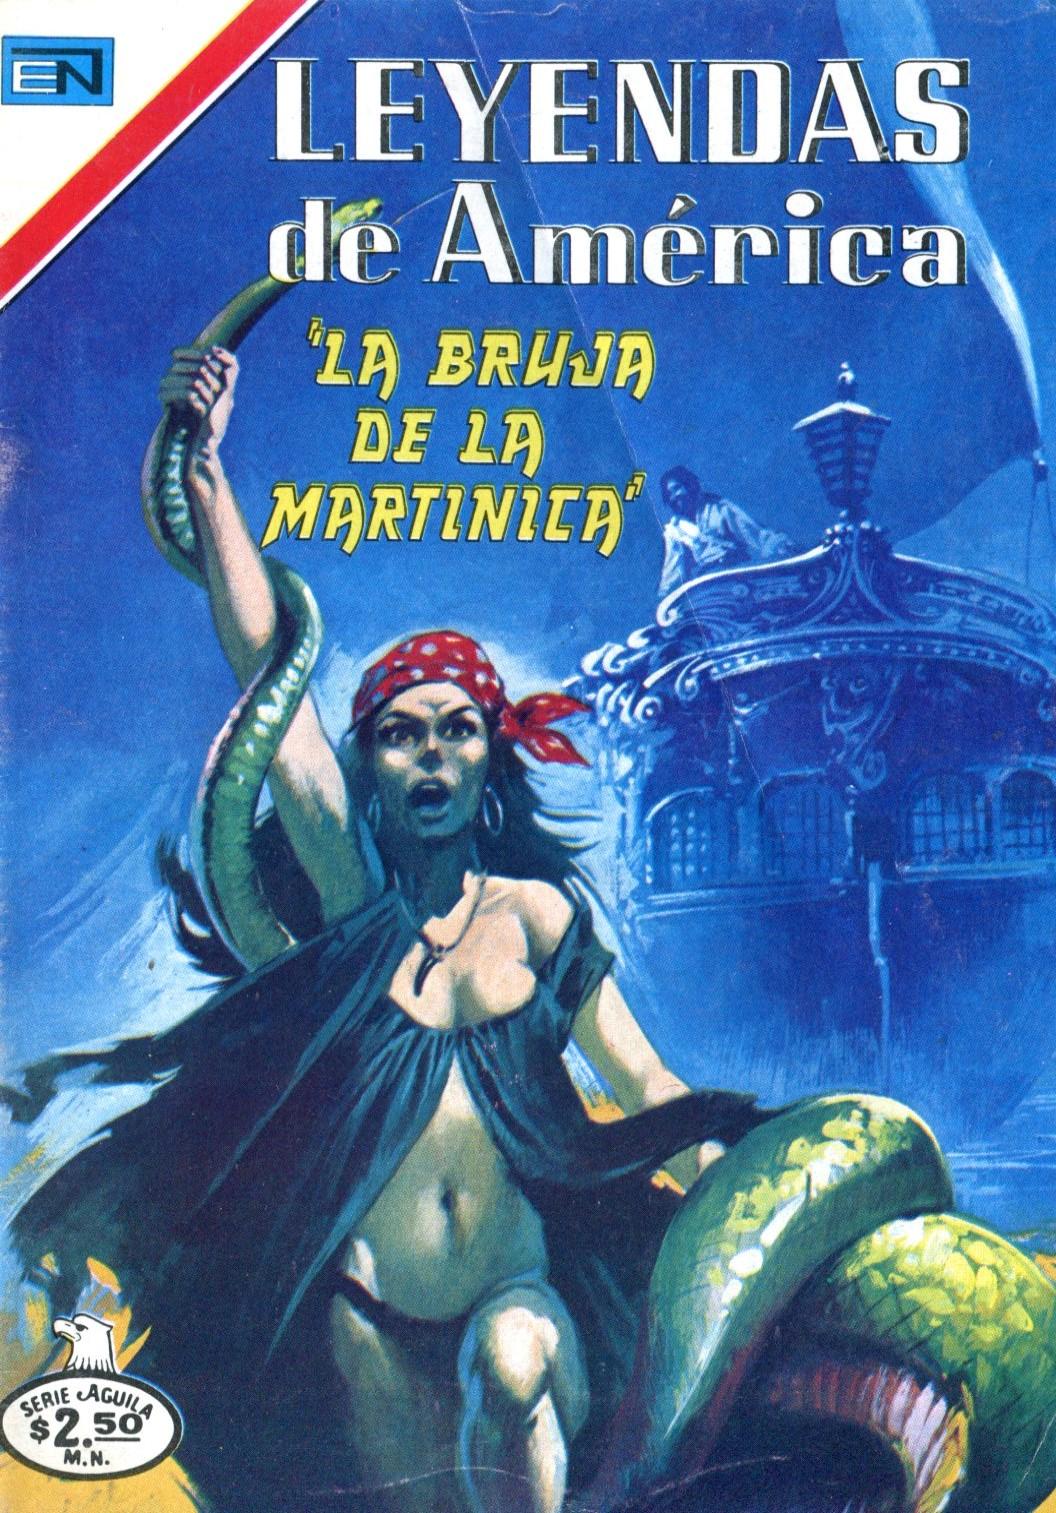 Leyendas de América - Ed. Novaro - COLECCIÓN INCOMPLETA